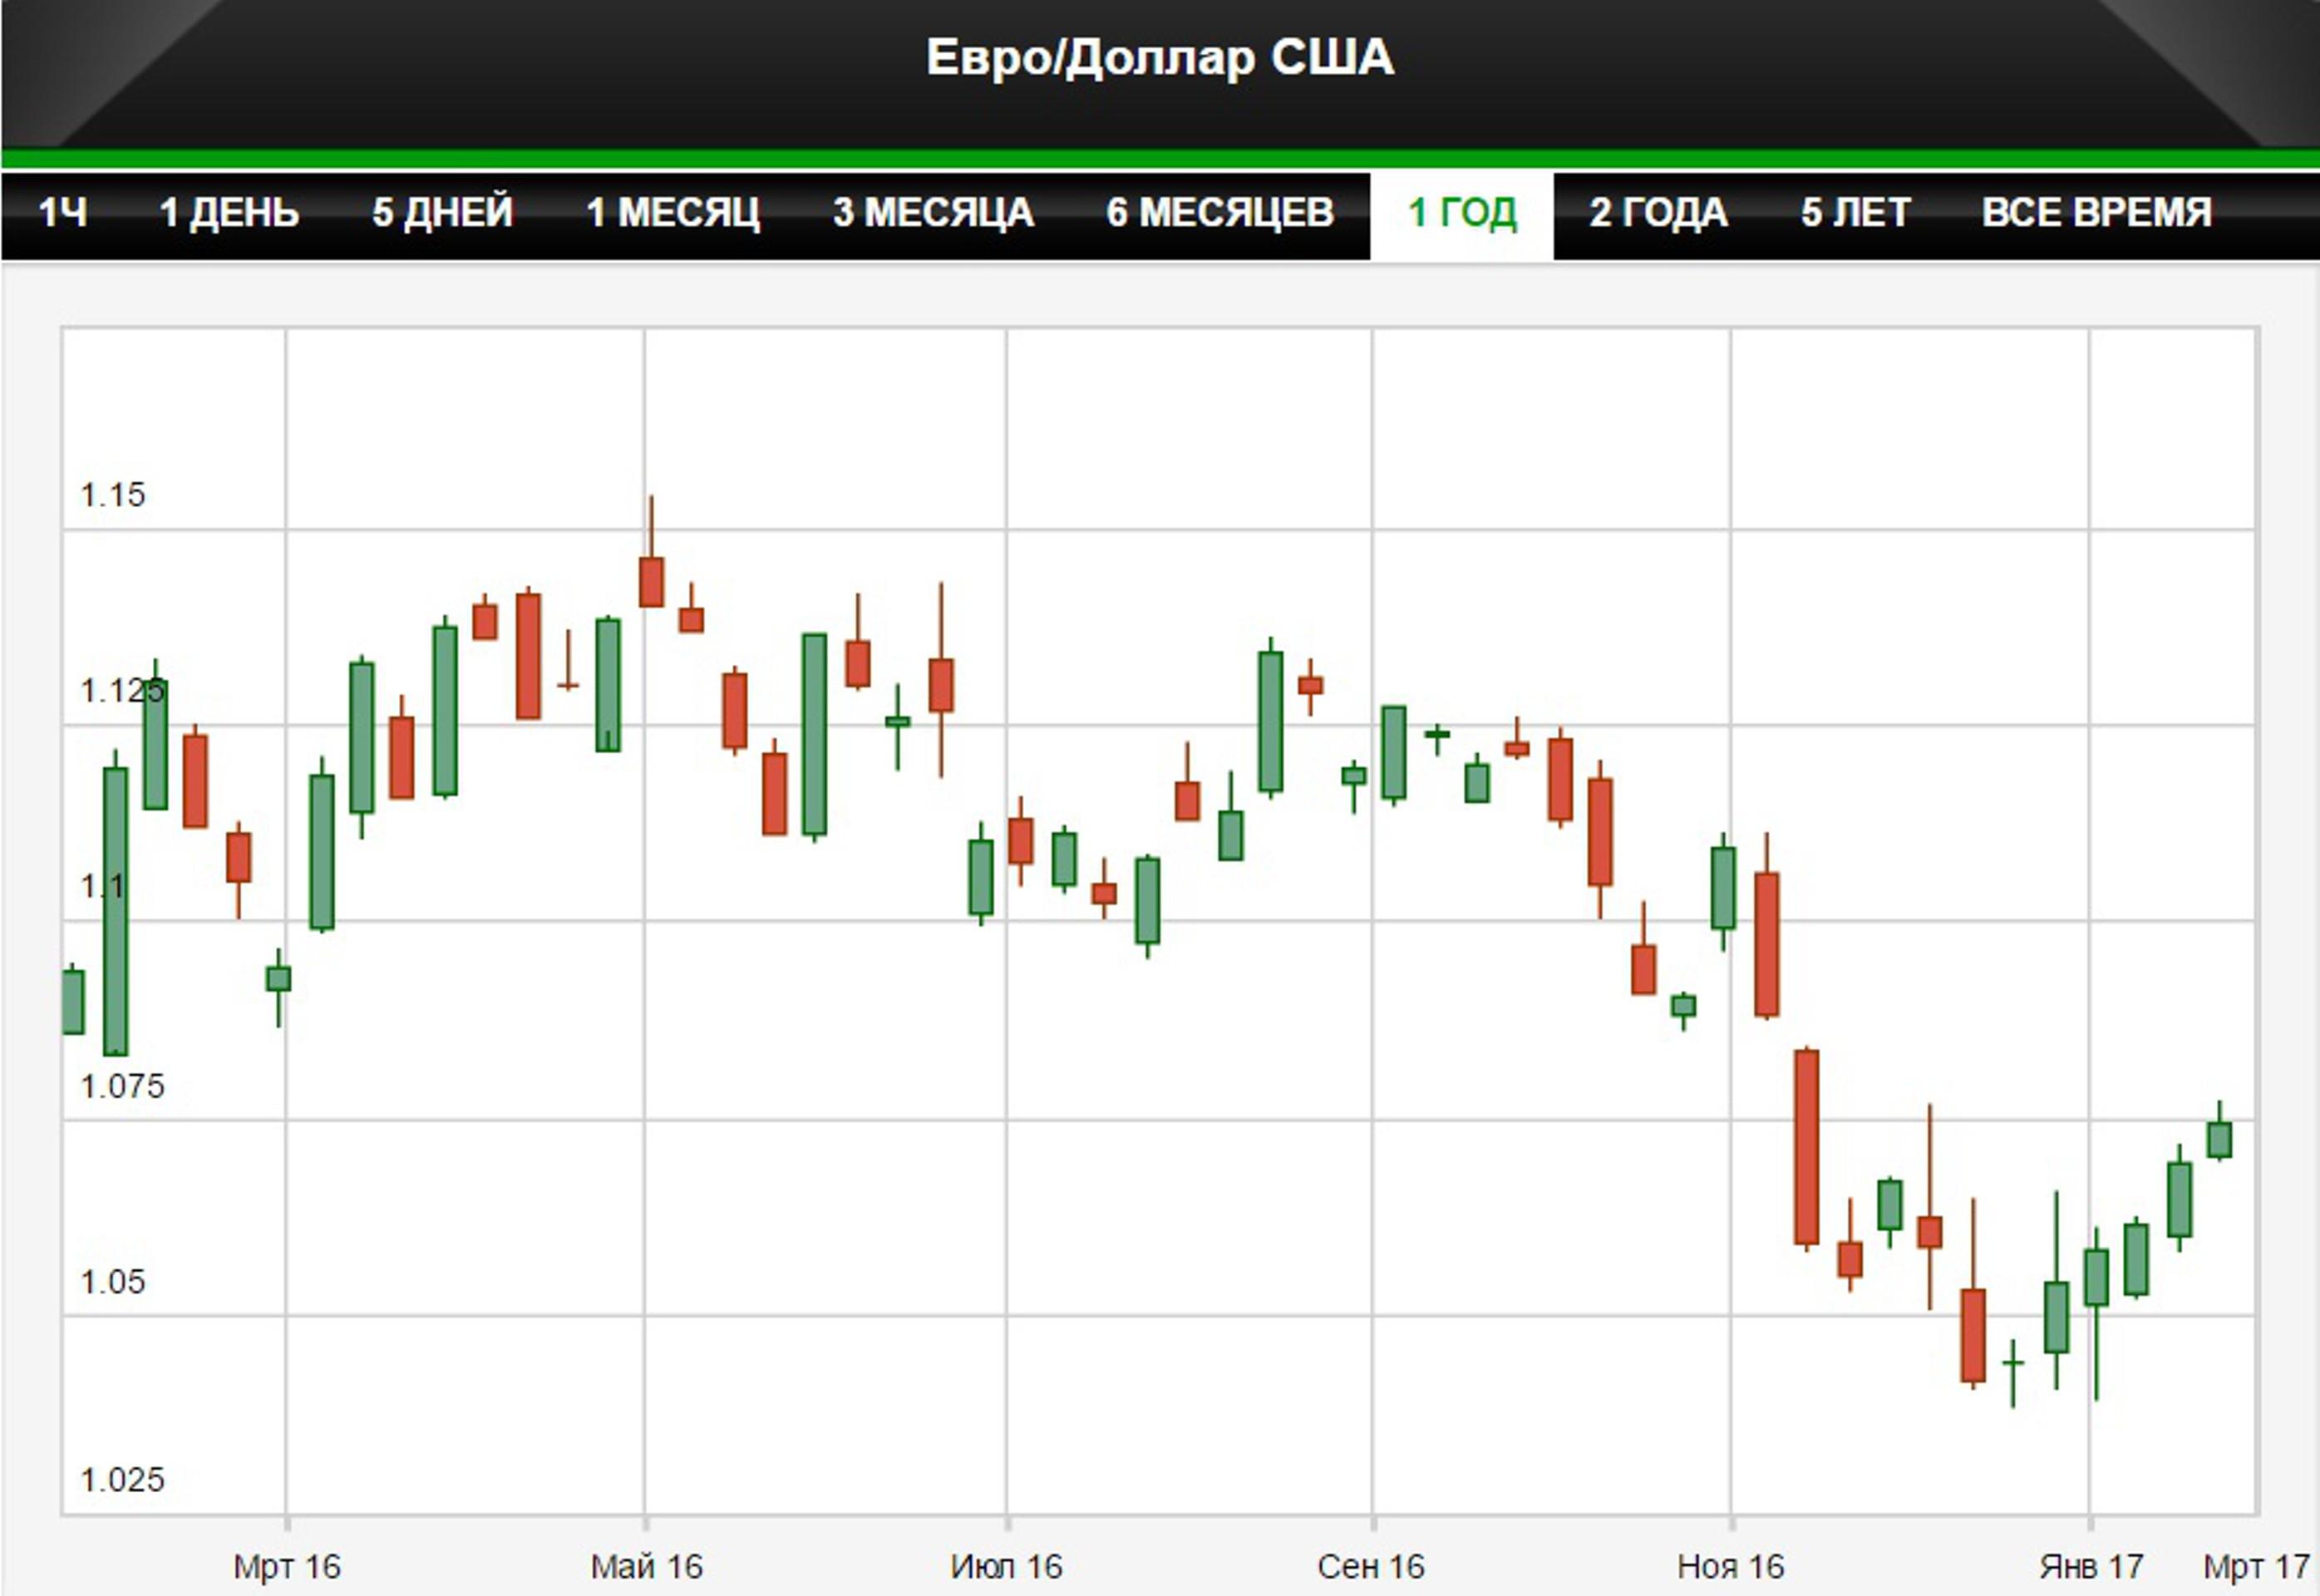 Доллар уже достиг пика и будет снижаться